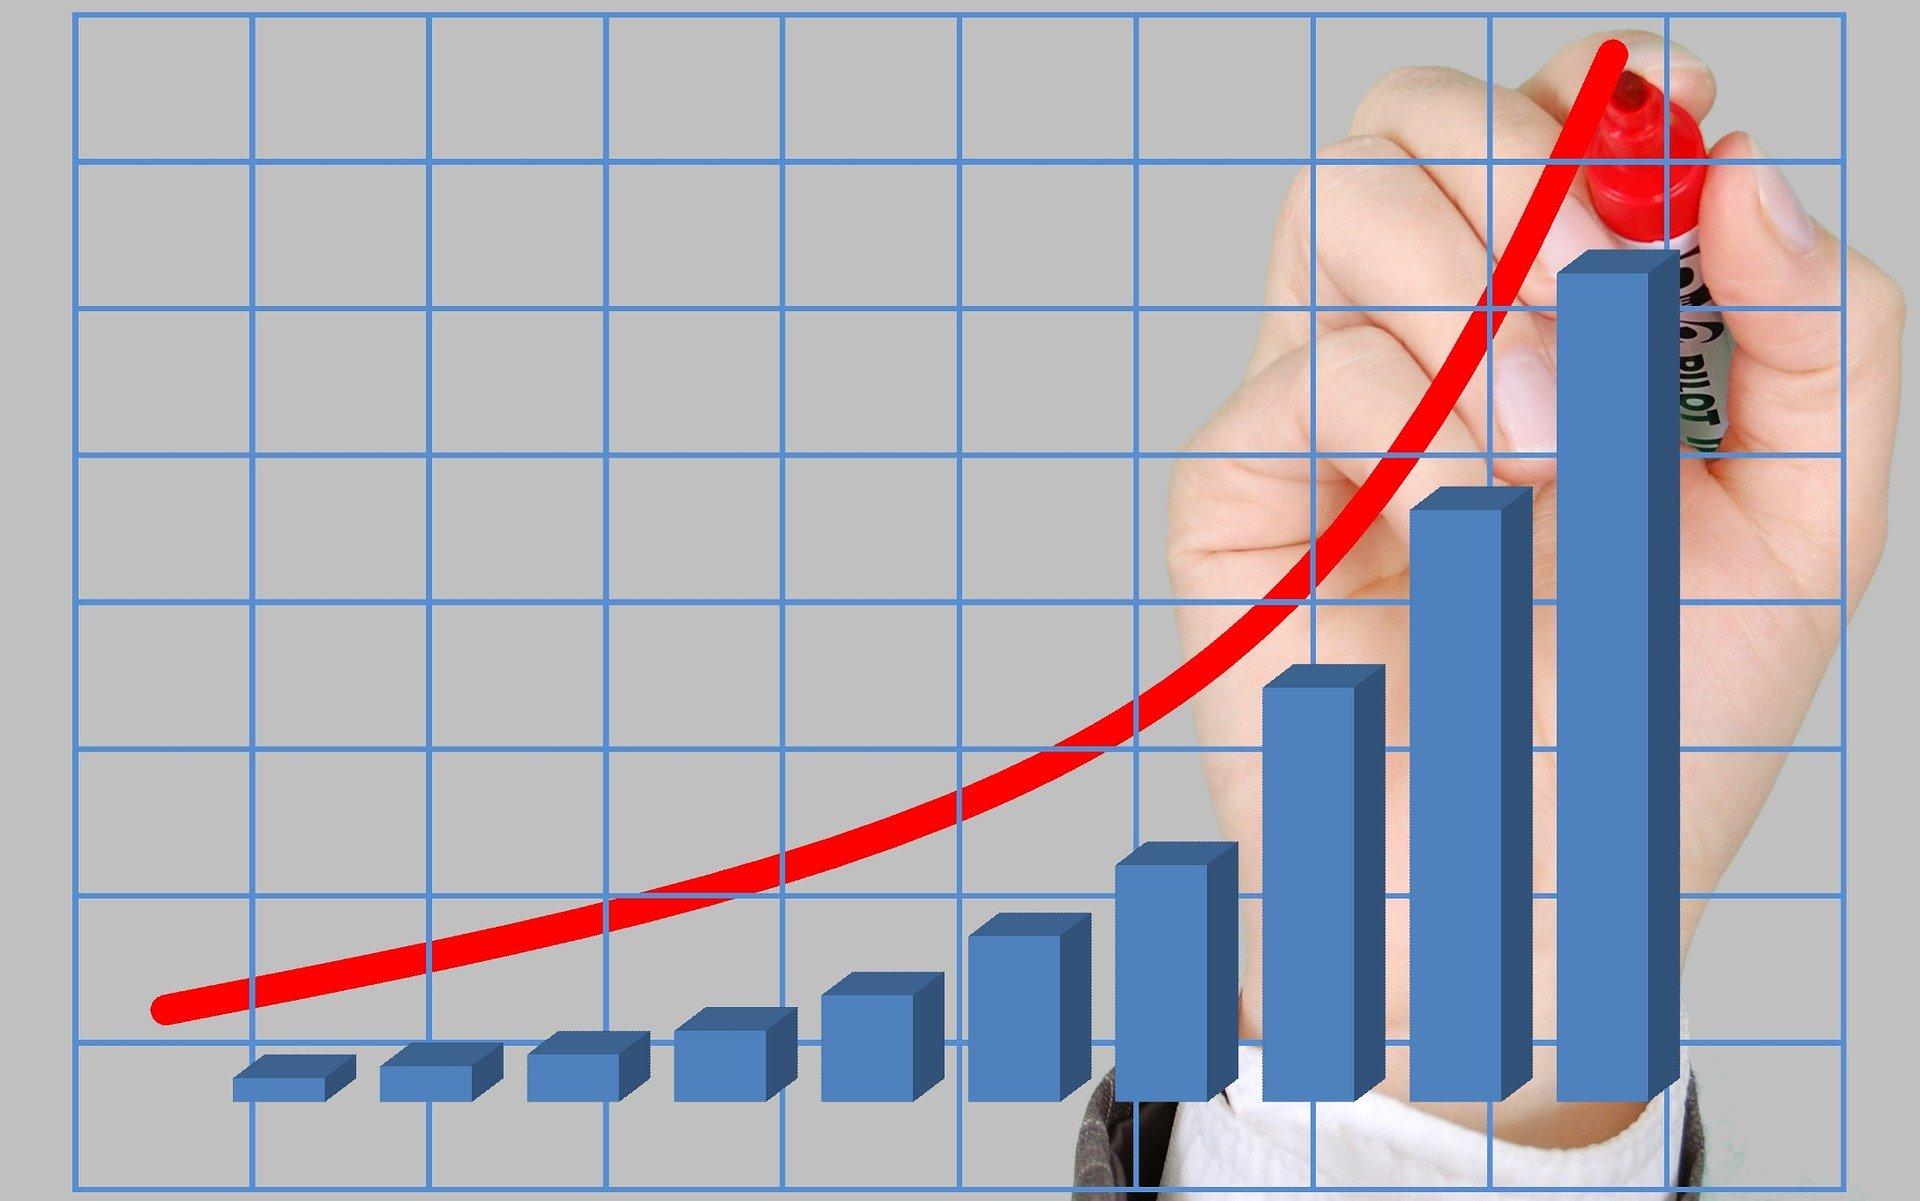 beneficios 365 business central